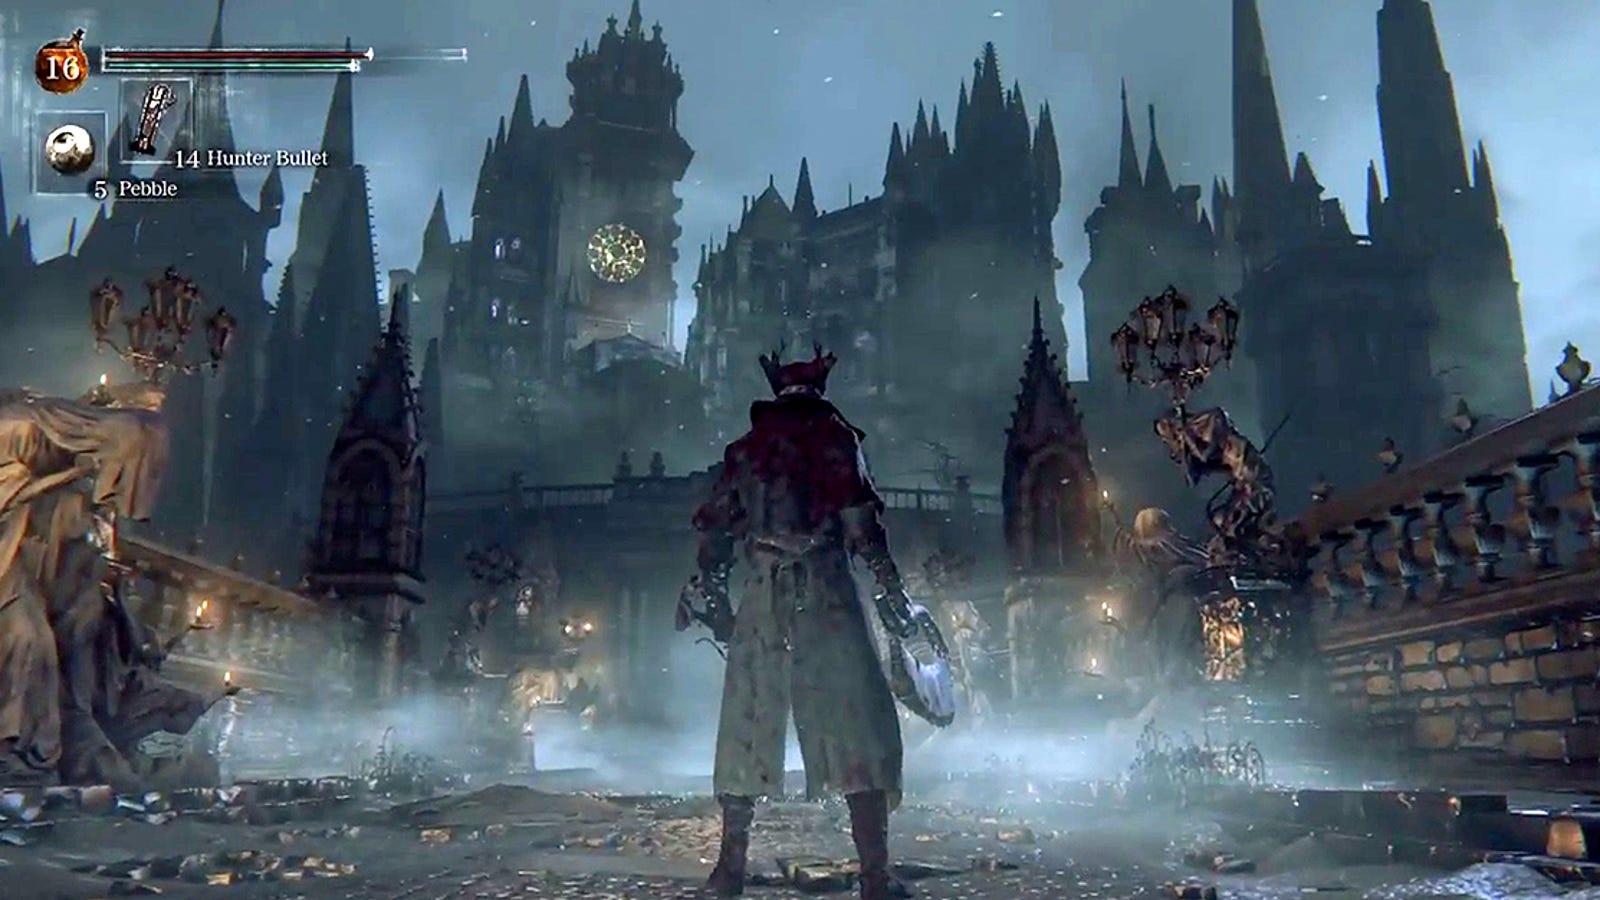 Seis minutos de juego de Bloodborne bastan para querer que llegue ya